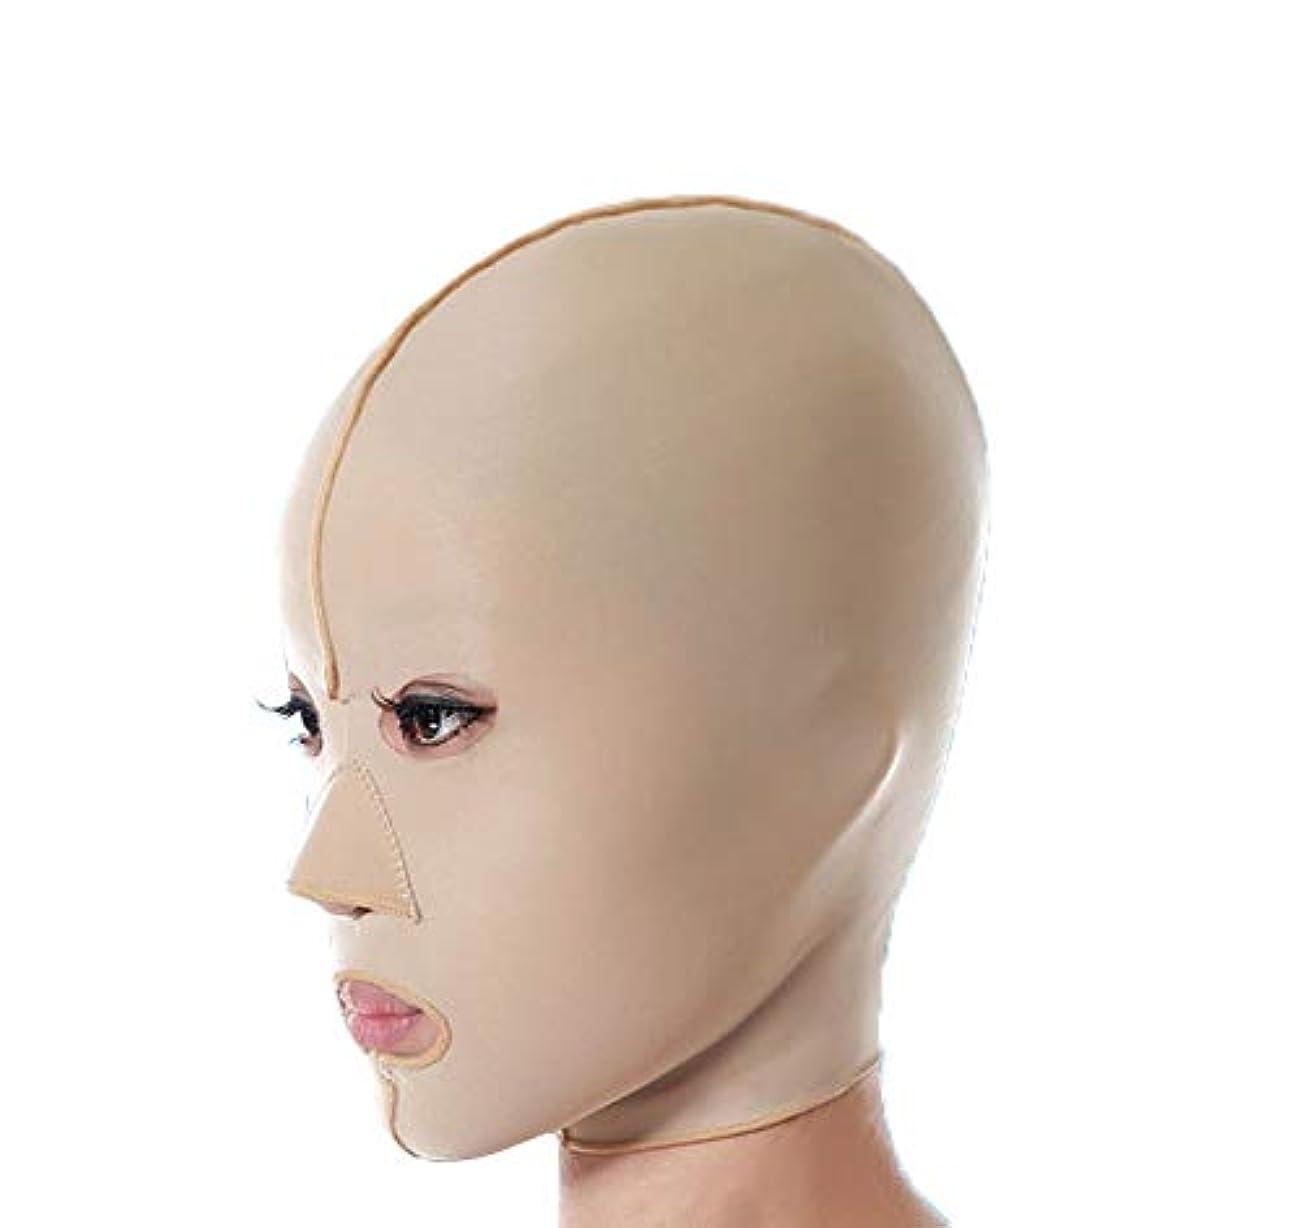 収益暴露する散歩TLMY 引き締めマスクマスク漢方薬強力なマスクアーティファクト美容垂れ防止方法フェイシャルリフティング引き締めフルフェイスマスク 顔用整形マスク (Size : S)